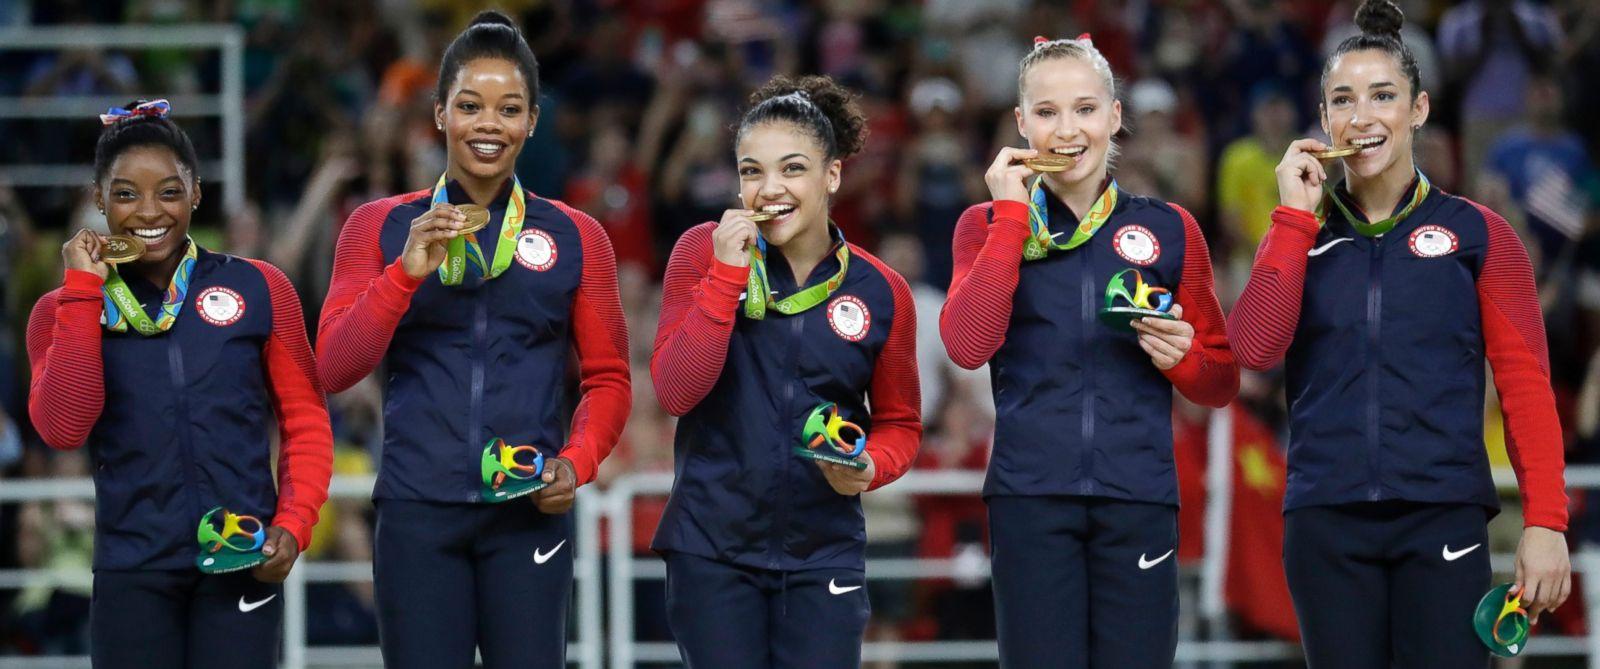 sportsplex gymnastics meet 2016 olympics